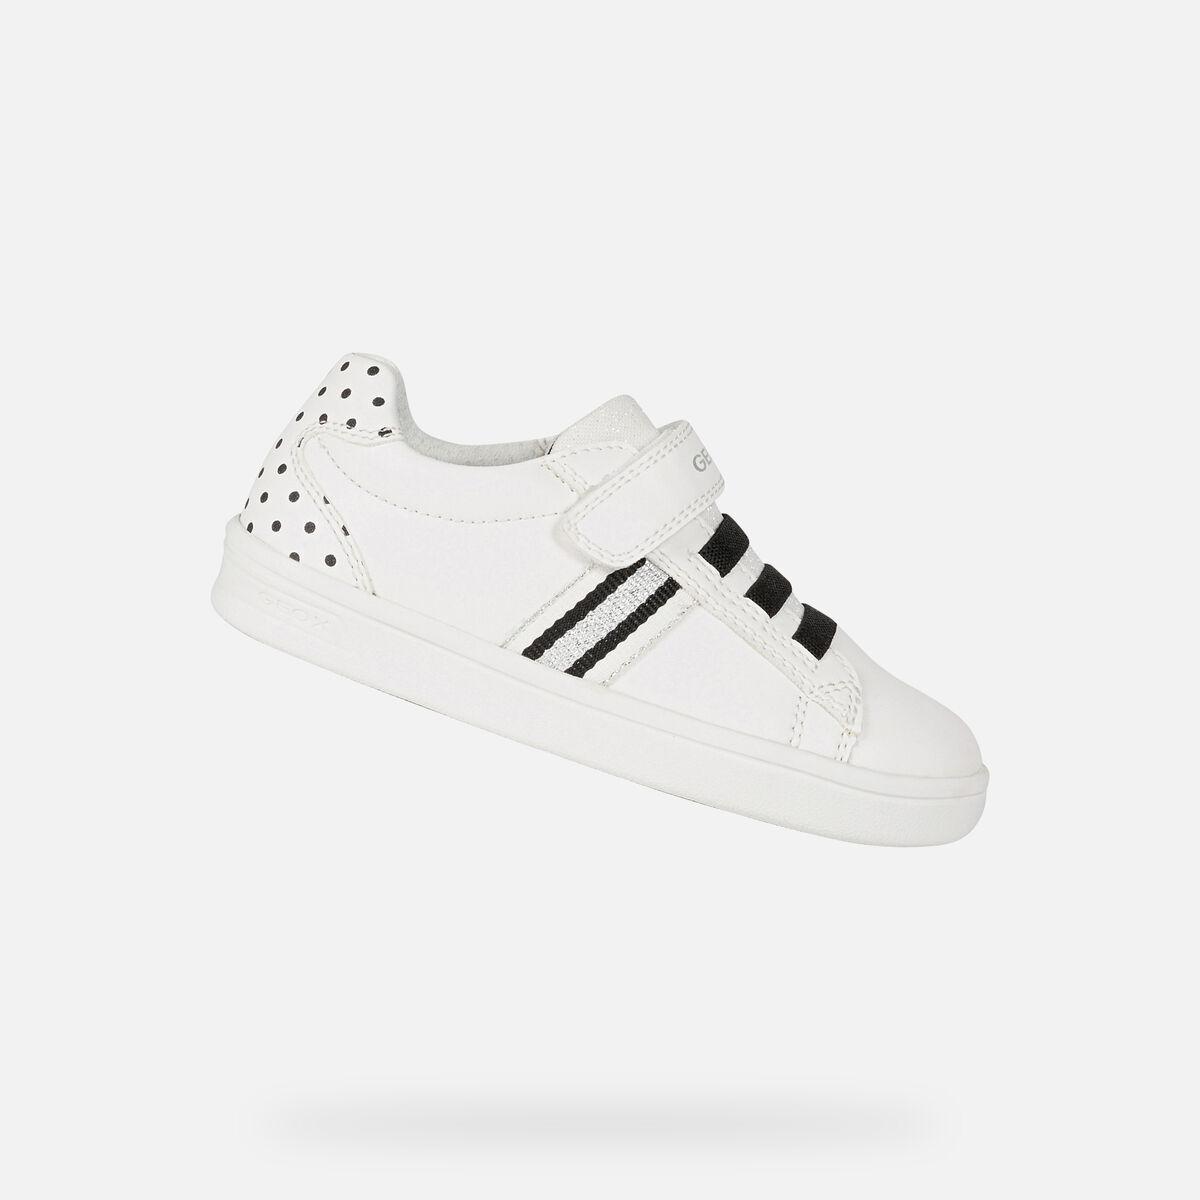 GEOX dětské boty DJROCK GIRL bílé - černé - J154MD